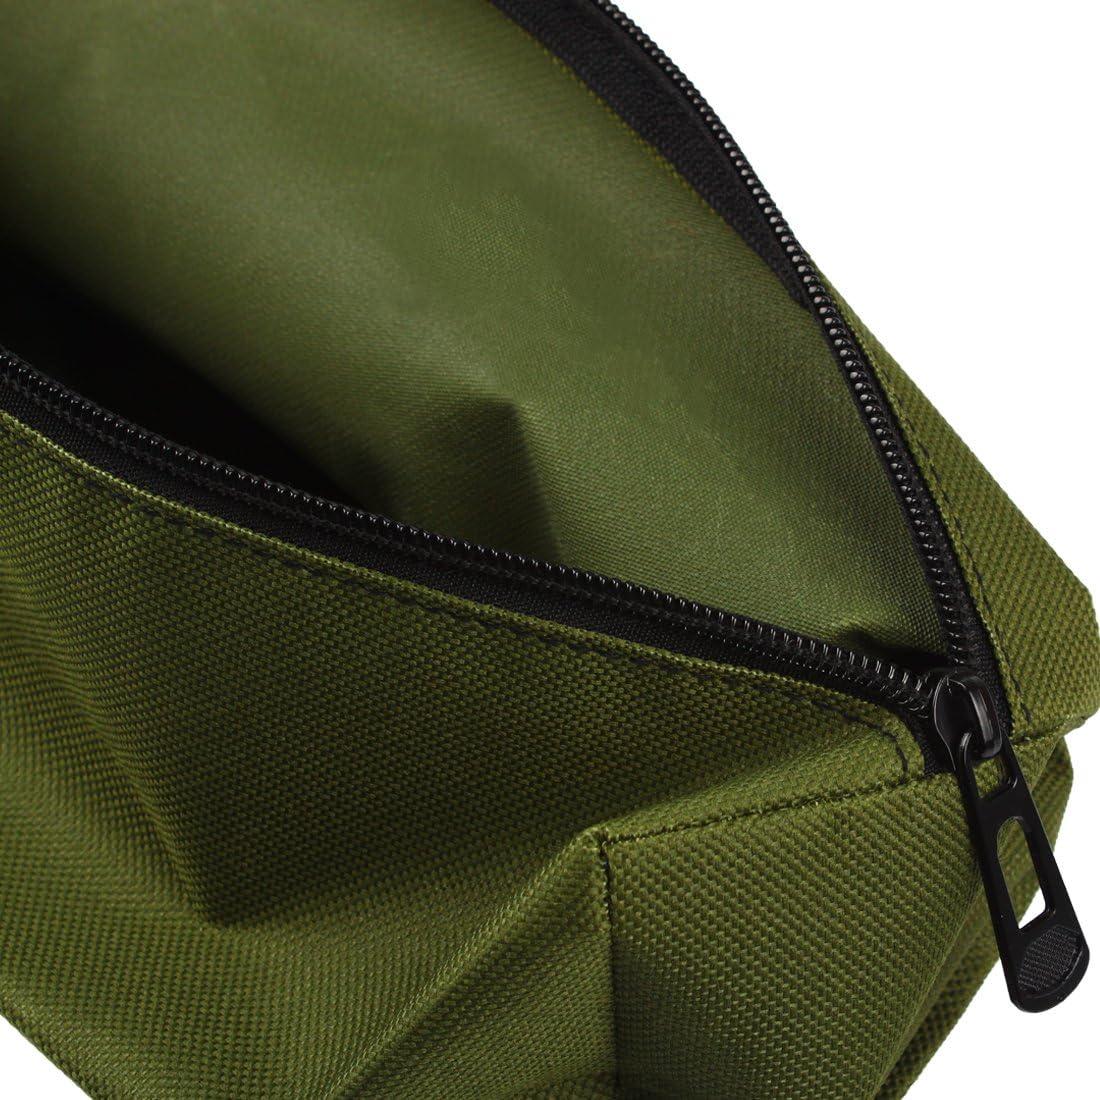 Organizador de Almacenamiento de Herramientas Multiusos WJSNB-01 Bolsa de Tela Oxford Peque/ña Verde Larcele Bolsa de Herramientas con Cremallera